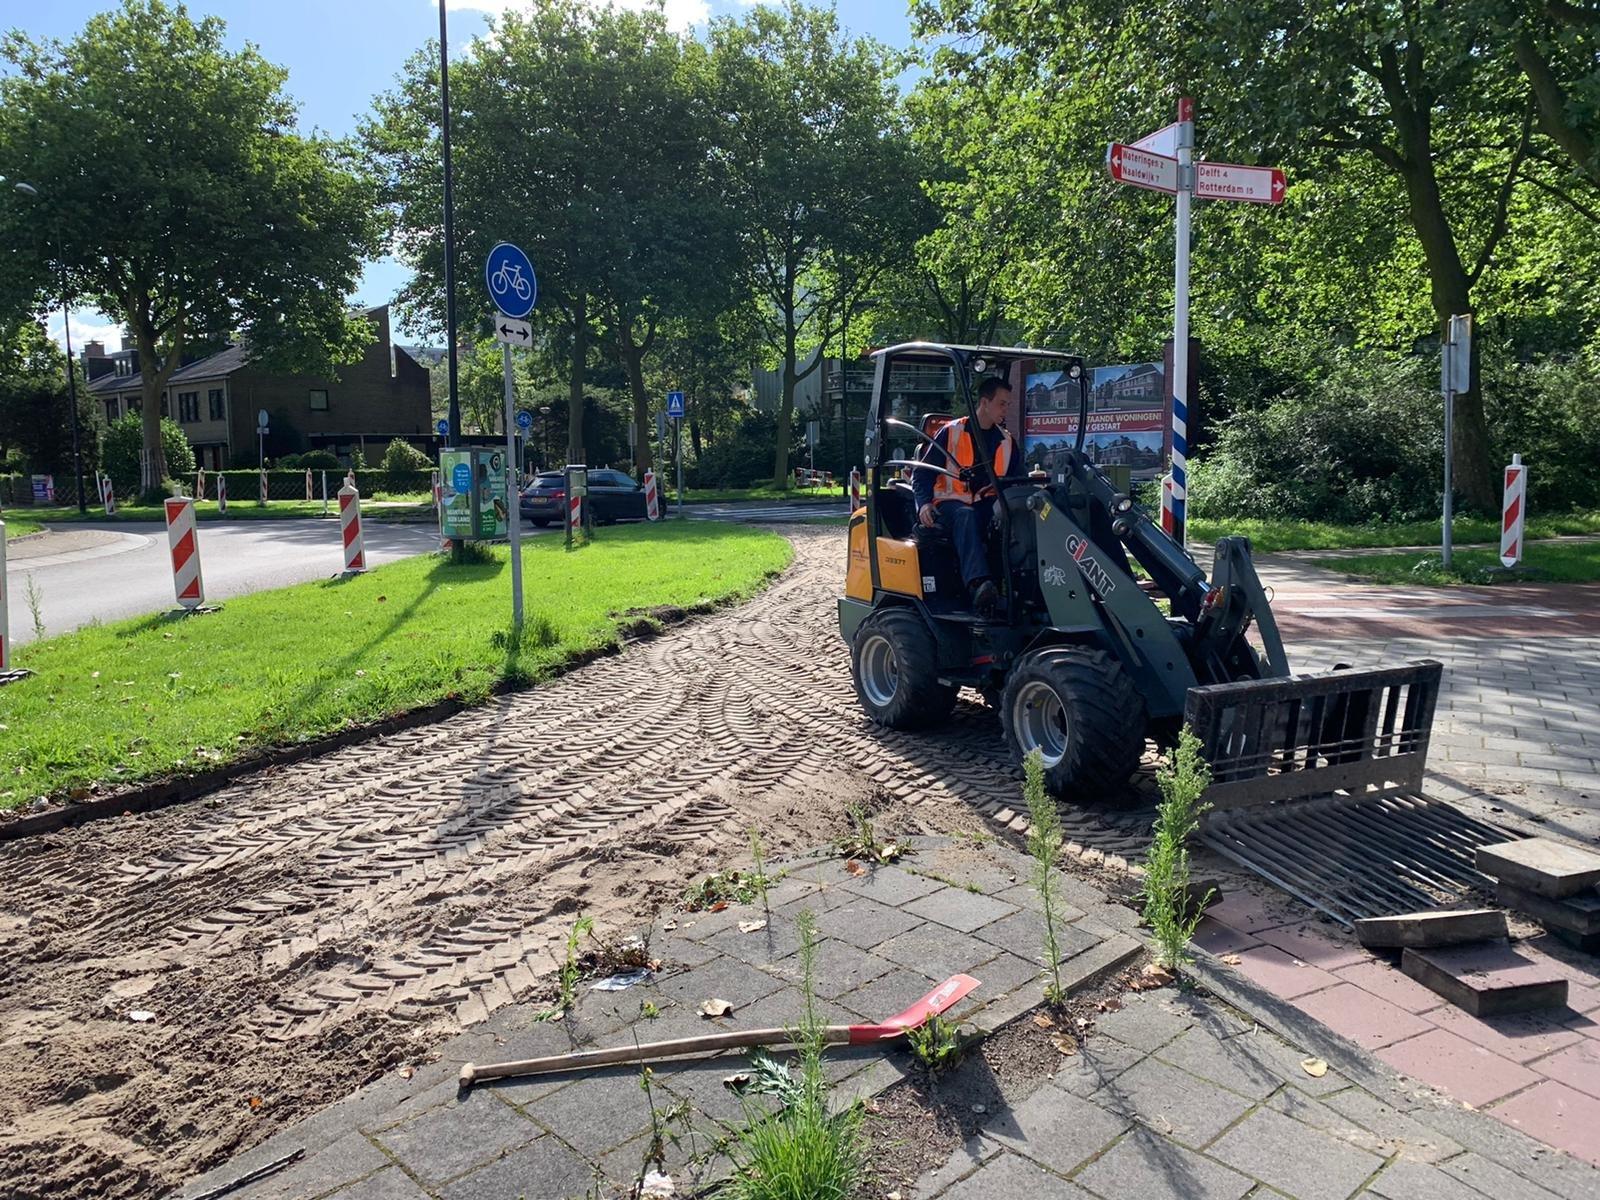 Rijswijk_Churchilllaan_Omgevingsmanagement_Omgevingsverbinder.